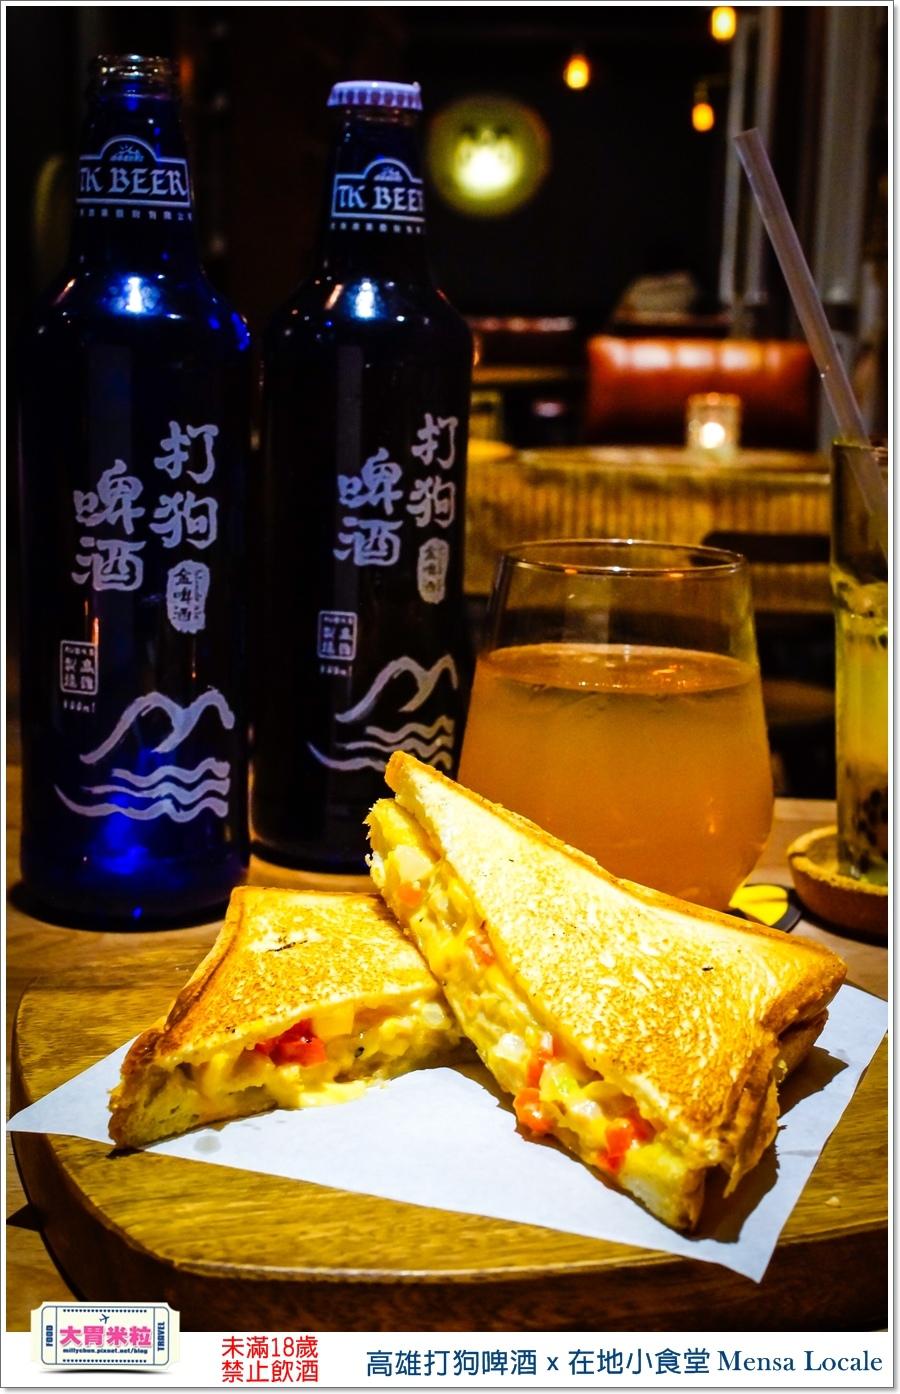 高雄打狗啤酒x在地小食堂Mensa Locale@大胃米粒00100.jpg